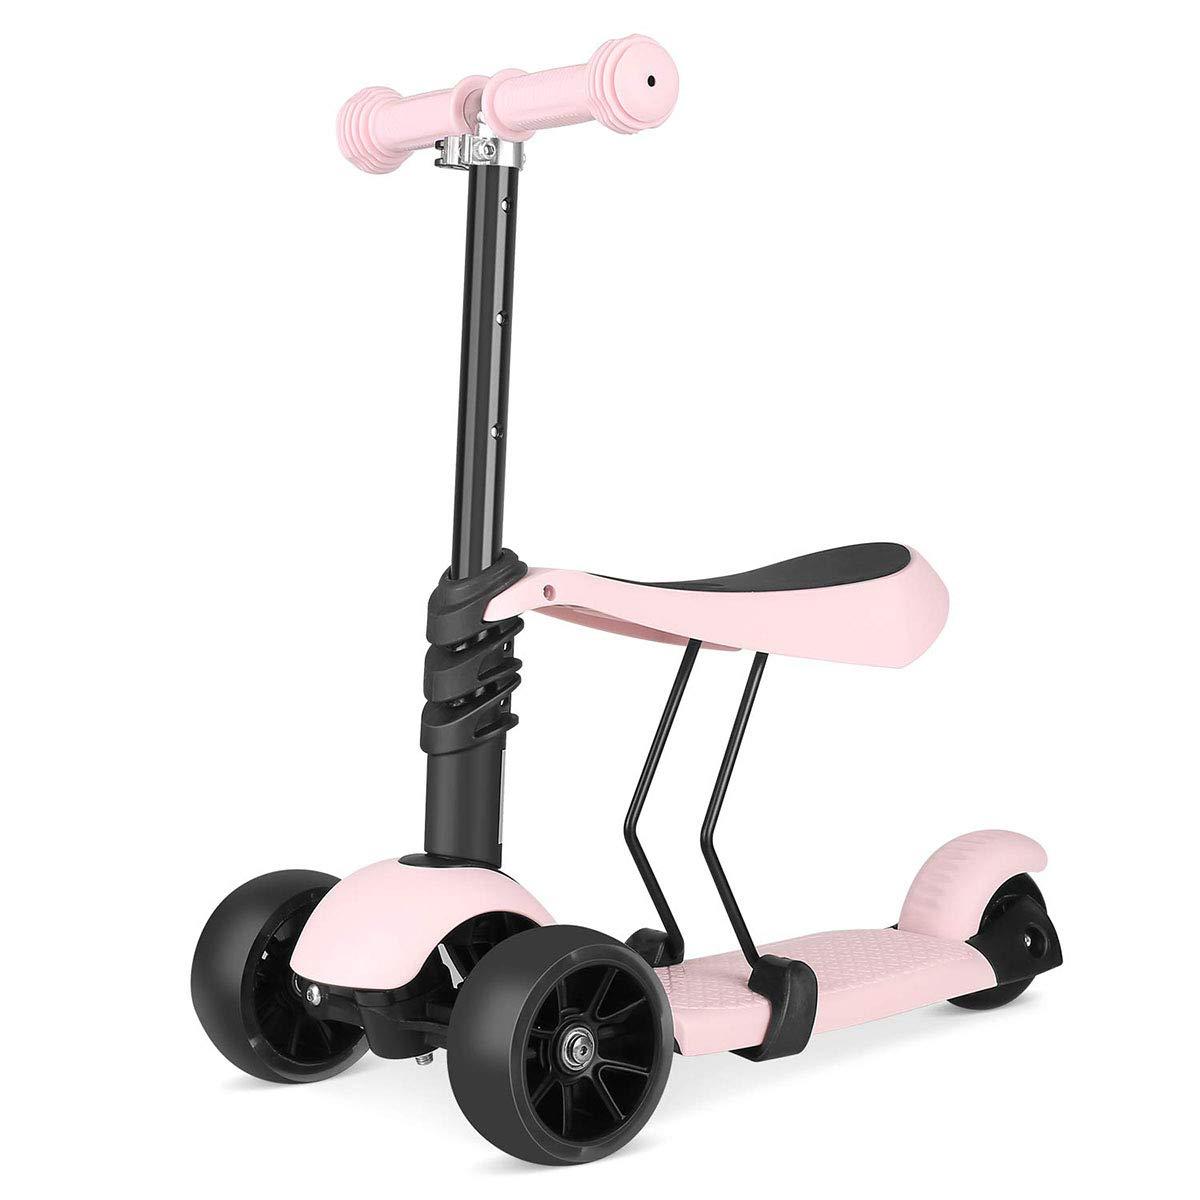 キッズキックスクーター、バランスバイク調整可能な3つのホイールは、リムーバブル & 調整可能シートとスクーターをキック、LED ライトボーイズガールズエイジのためのホイール2-6   B07P8JPLMV